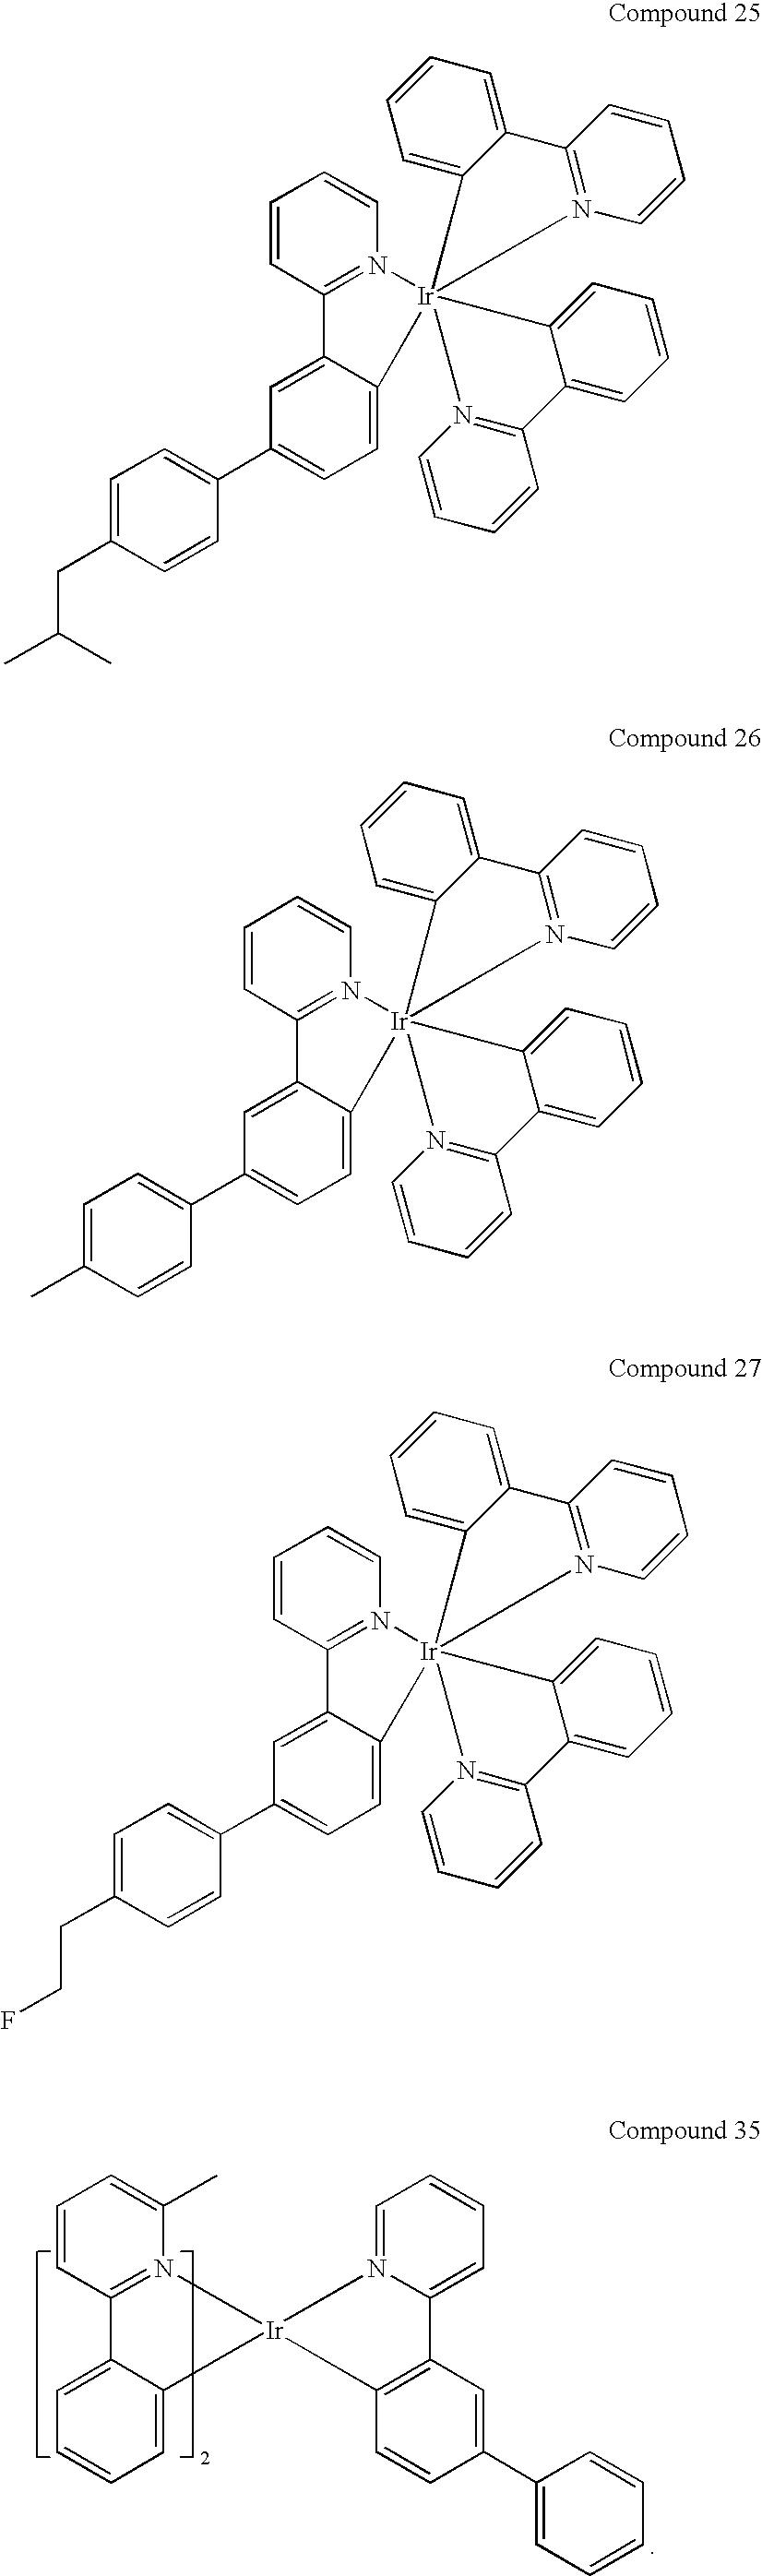 Figure US20090108737A1-20090430-C00019